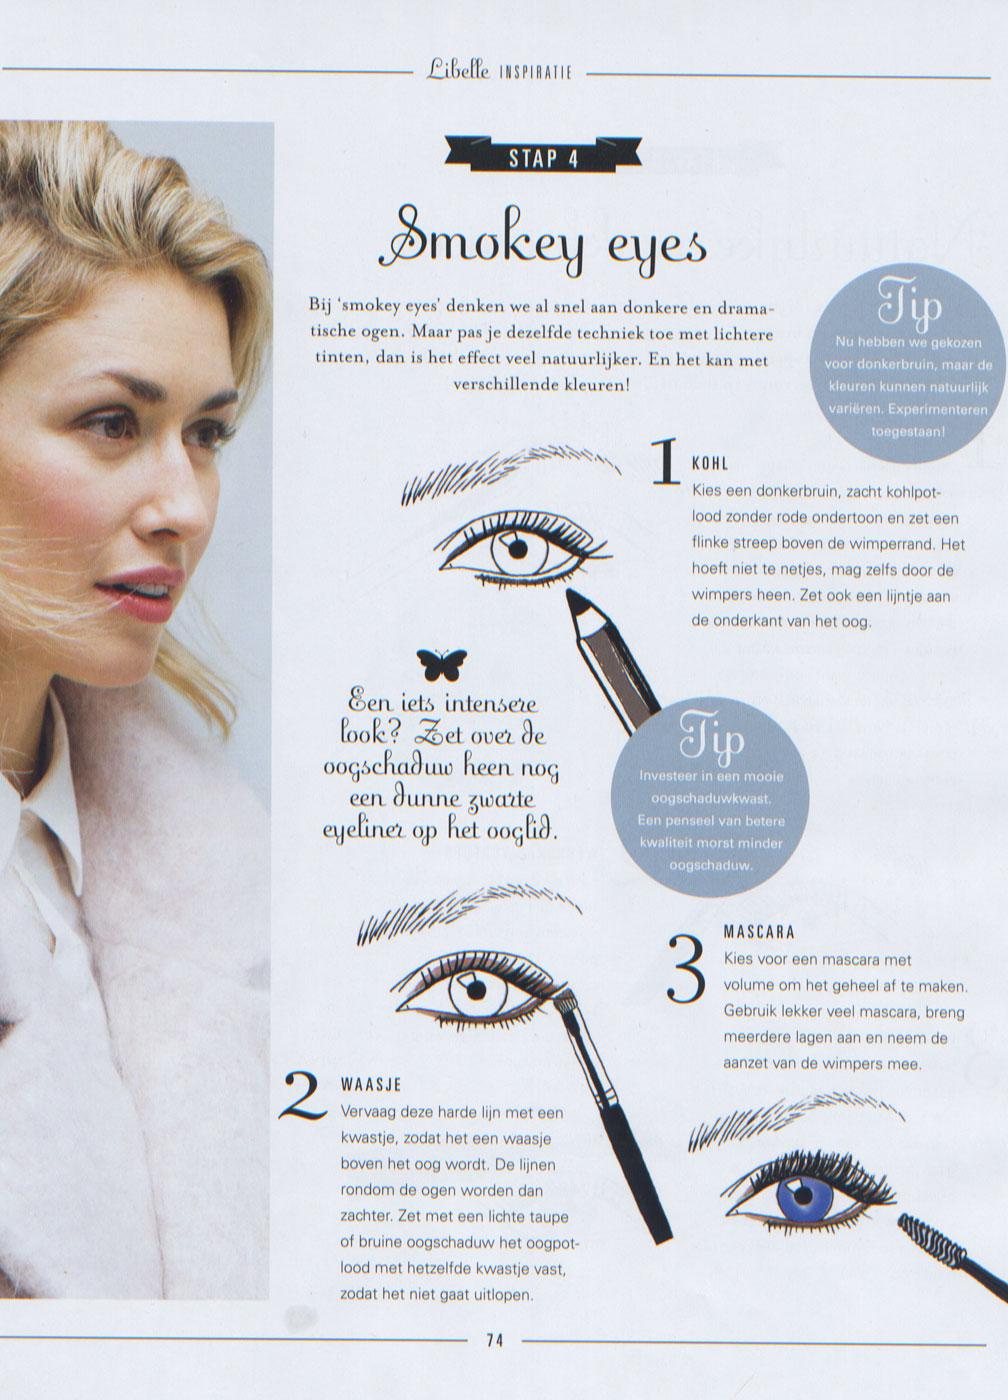 Libelle-Smokey-Eyes